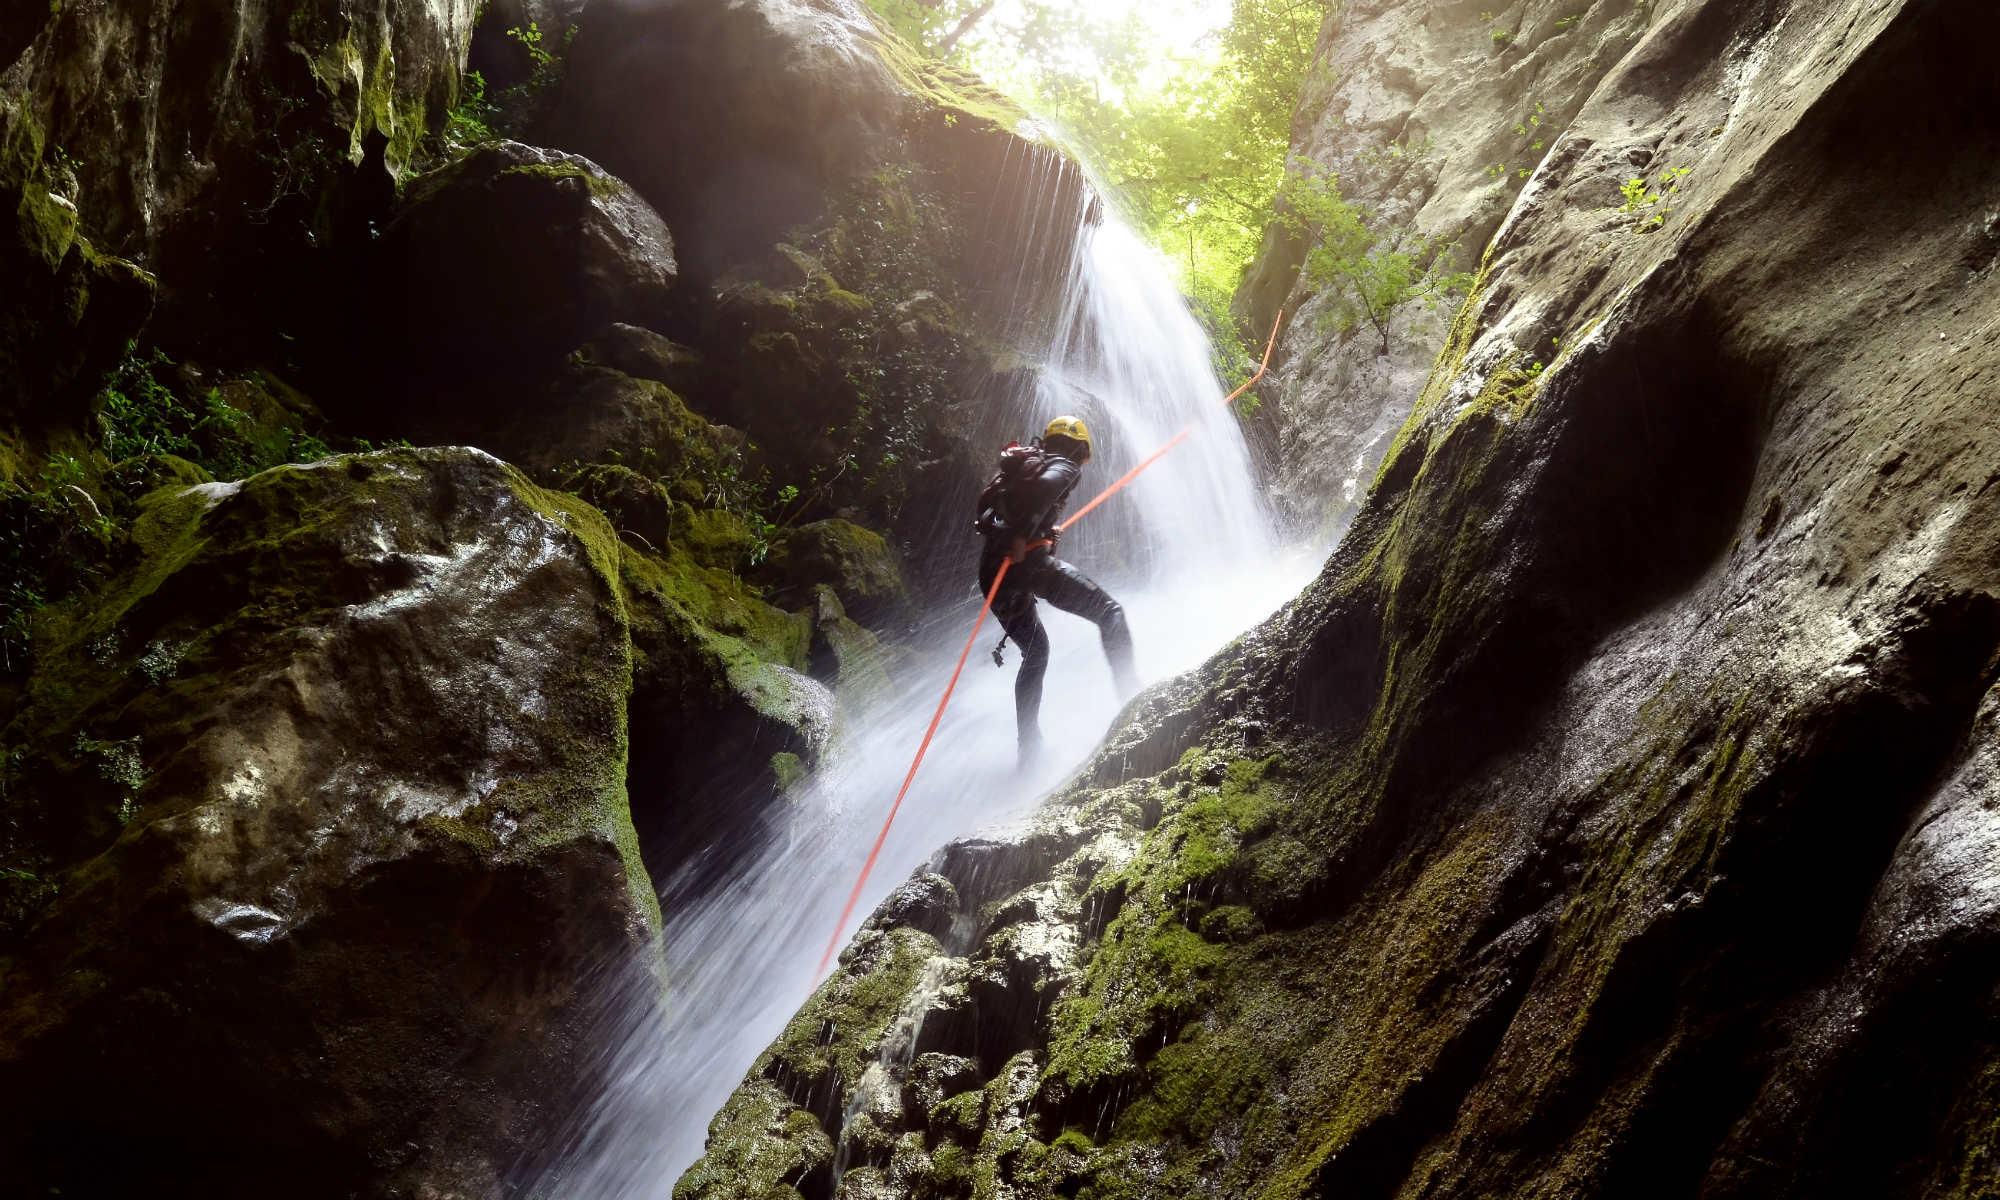 Ein Mann seilt sich beim Canyoning an einem Wasserfall in einer Schlucht ab.